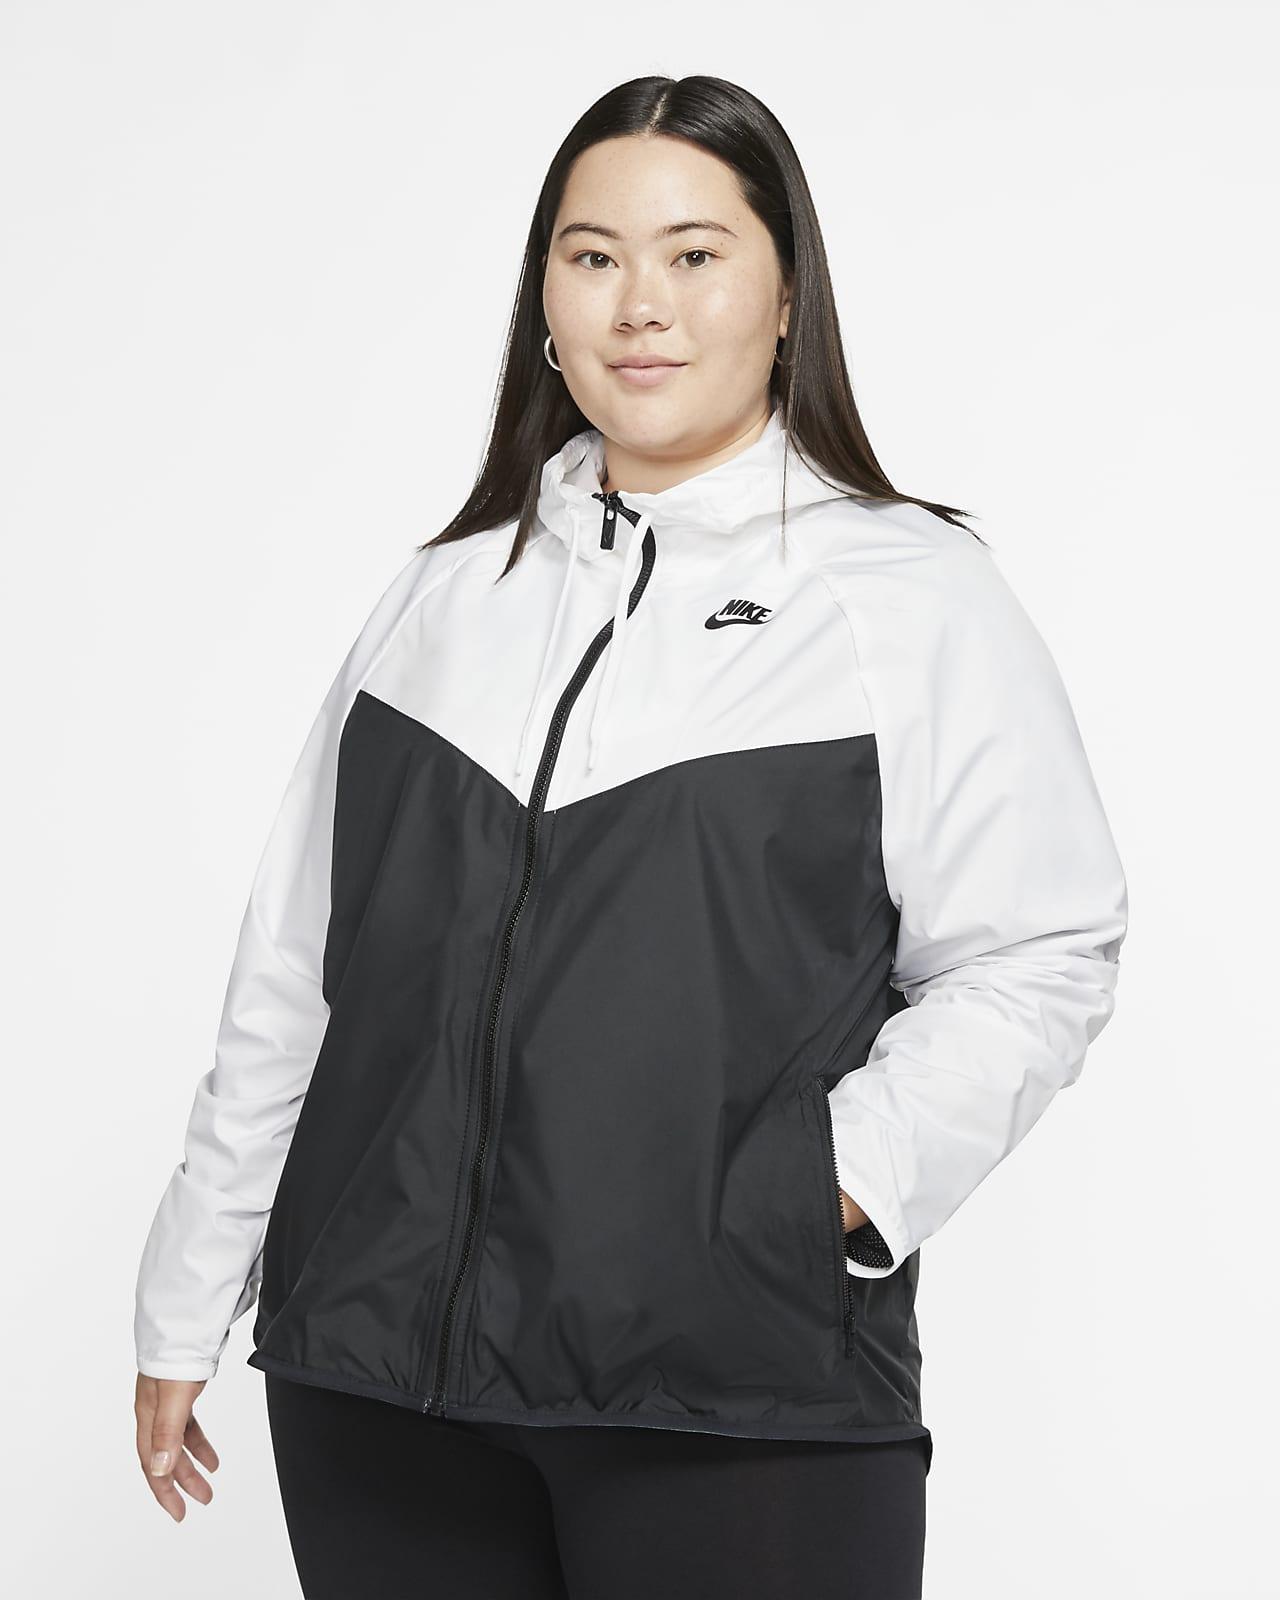 Femme Nike Veste noire avec bande blanche sur la poitrine